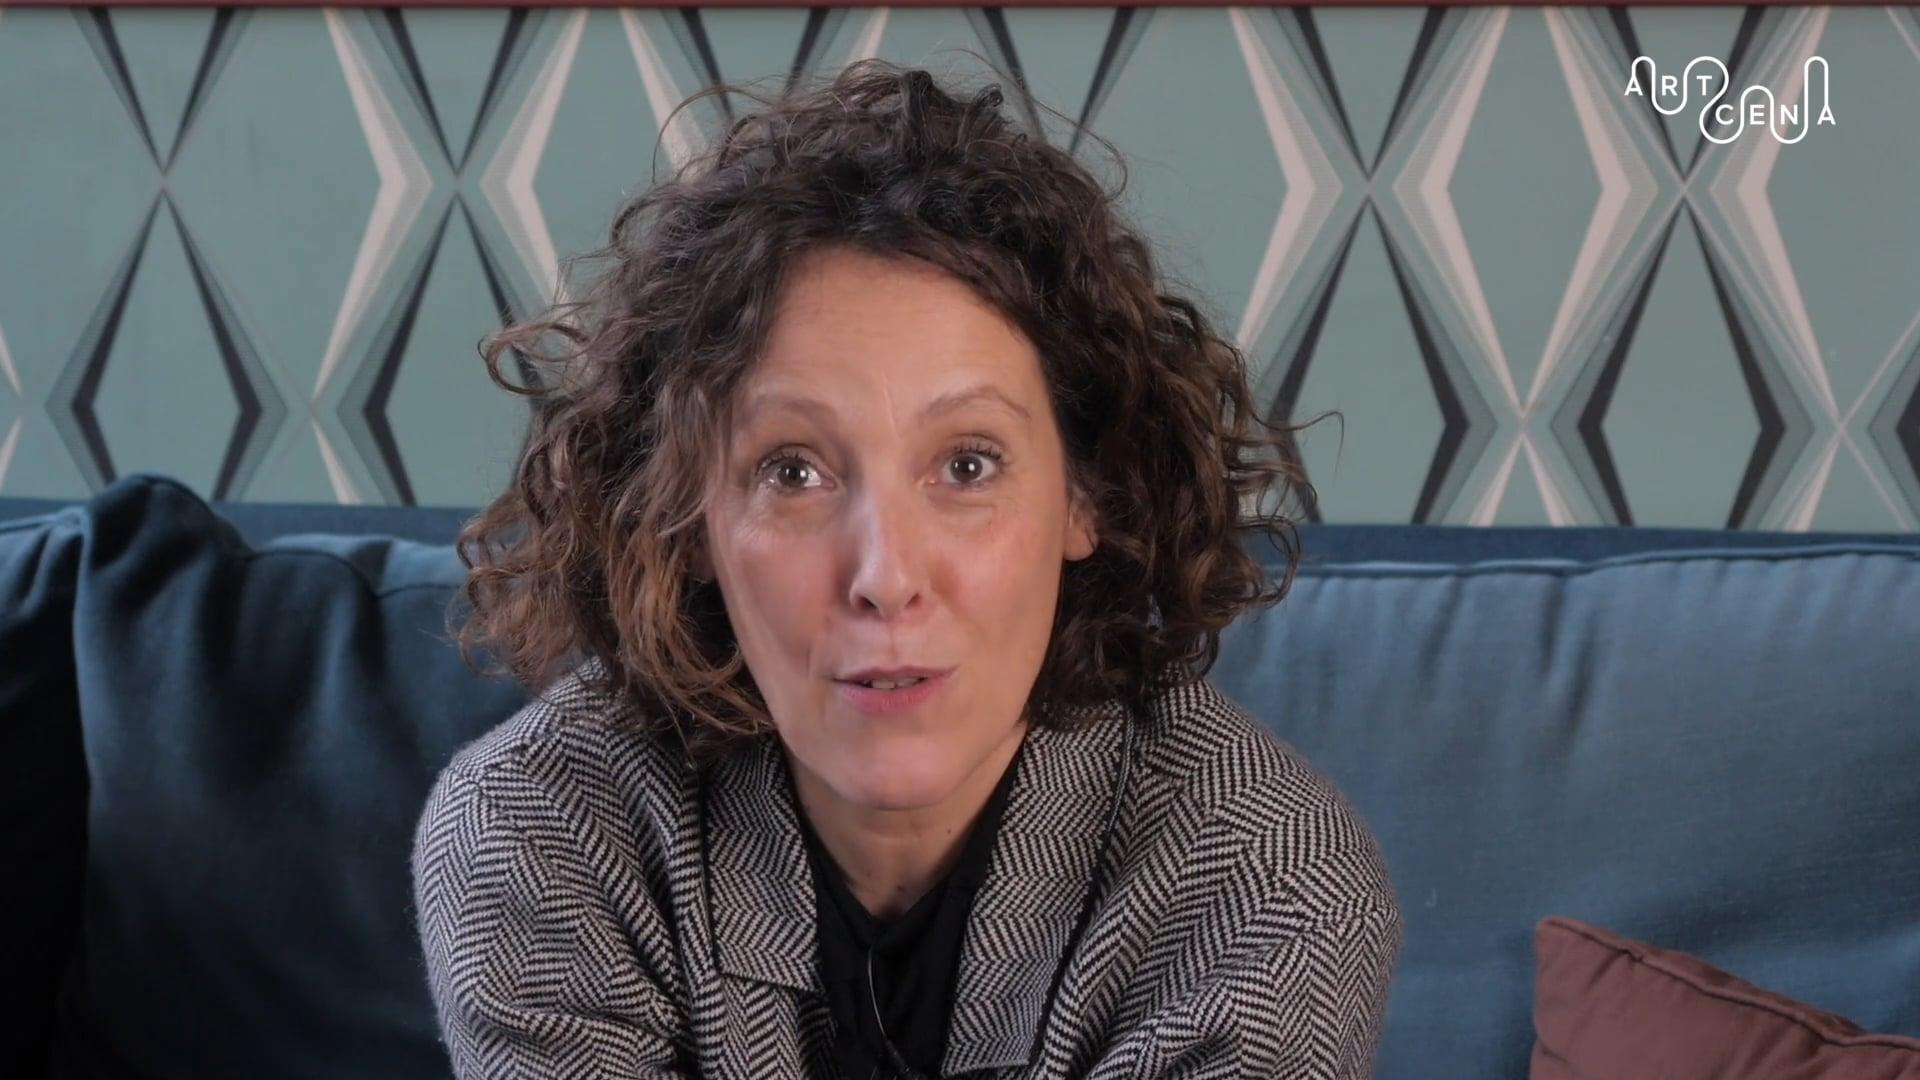 """Estelle Savasta présente """"Lettres jamais écrites"""", lauréat de Contxto 2019/2020"""